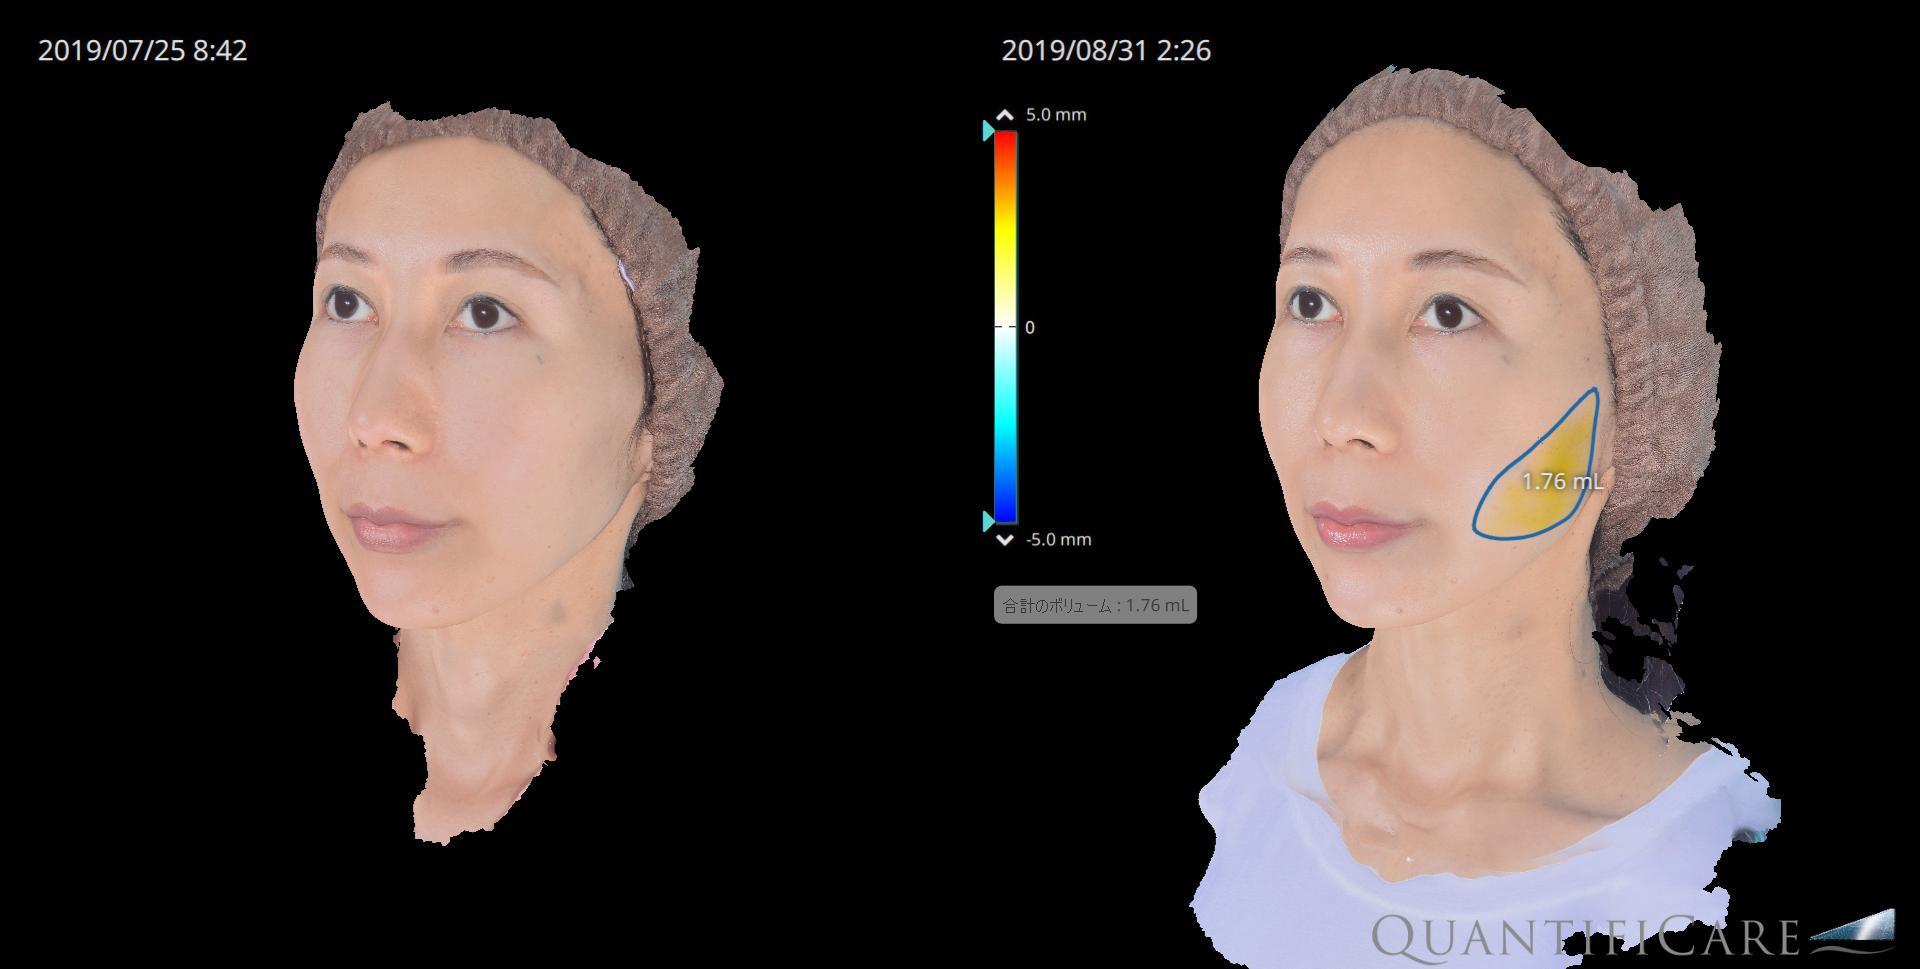 脂肪注入) before&after 左頬の脂肪増加量